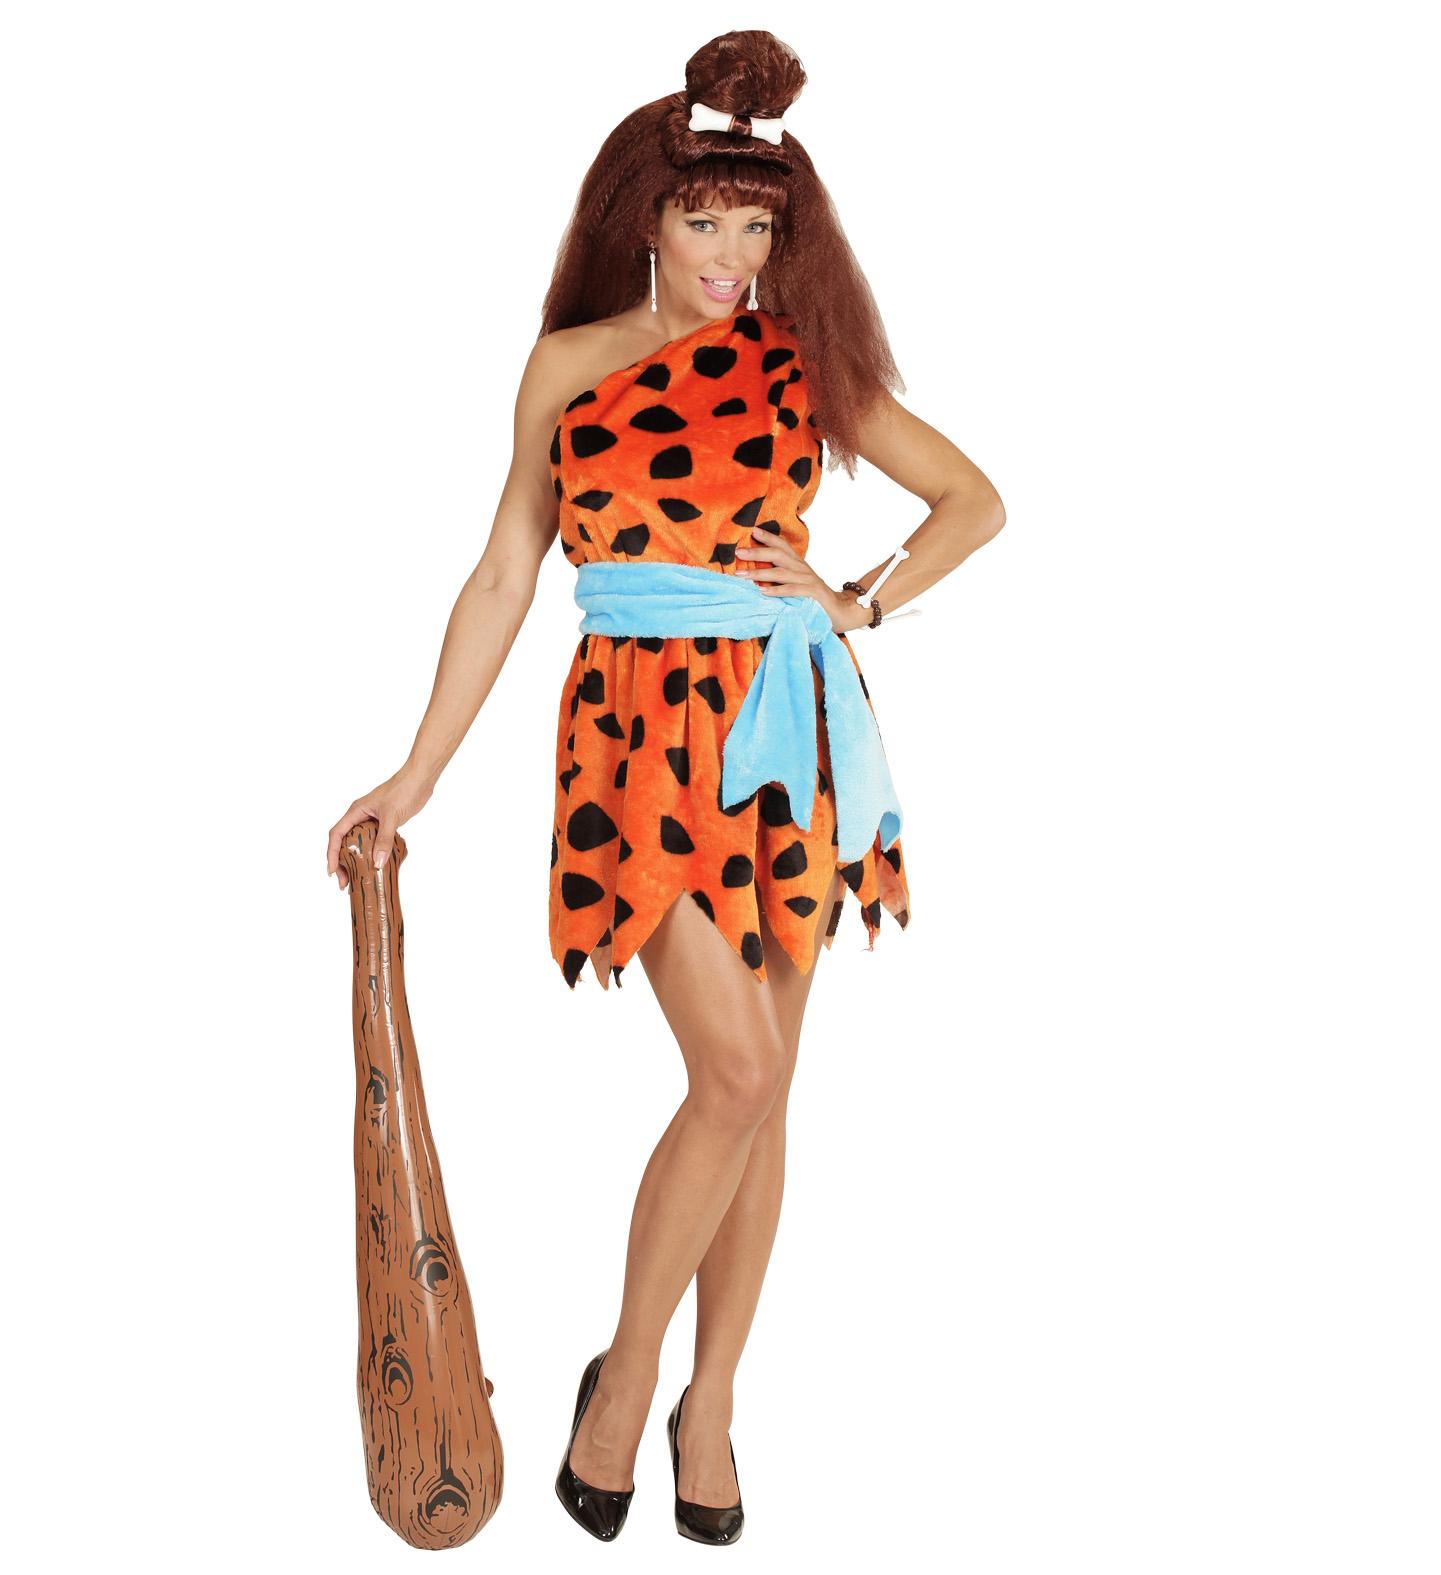 ebfc4b627eb7 Karnevalový kostým pravěké ženy